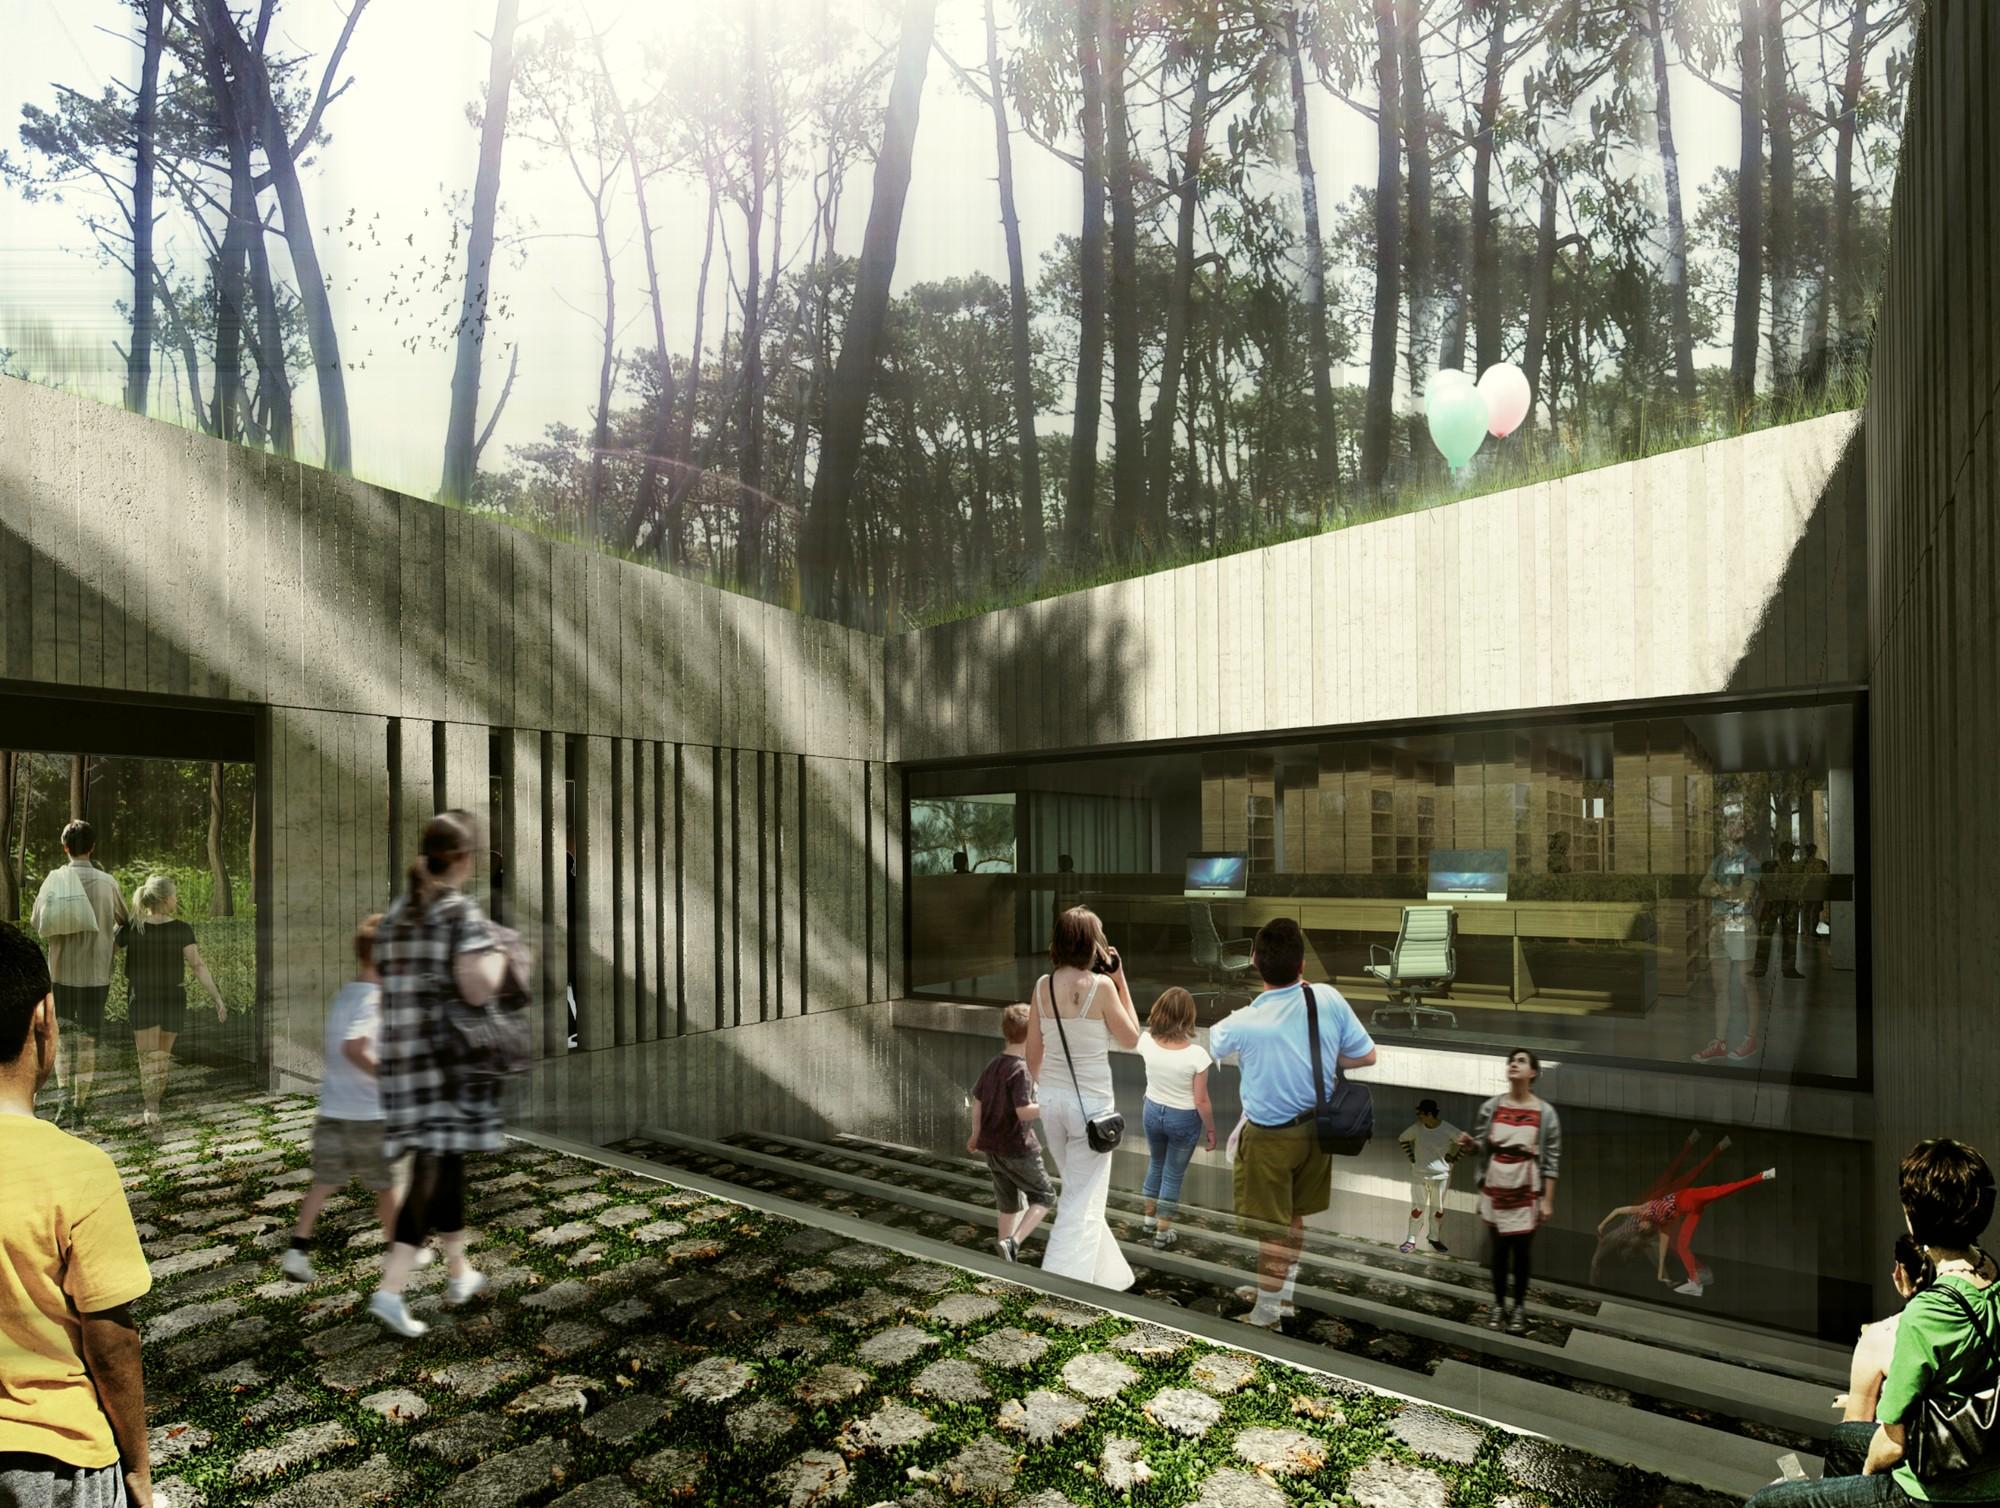 MBAD Arquitectos, Mención Honrosa en concurso de ideas para la Biblioteca Daniel Vidart / Uruguay , Cortesia de MBAD Arquitectos